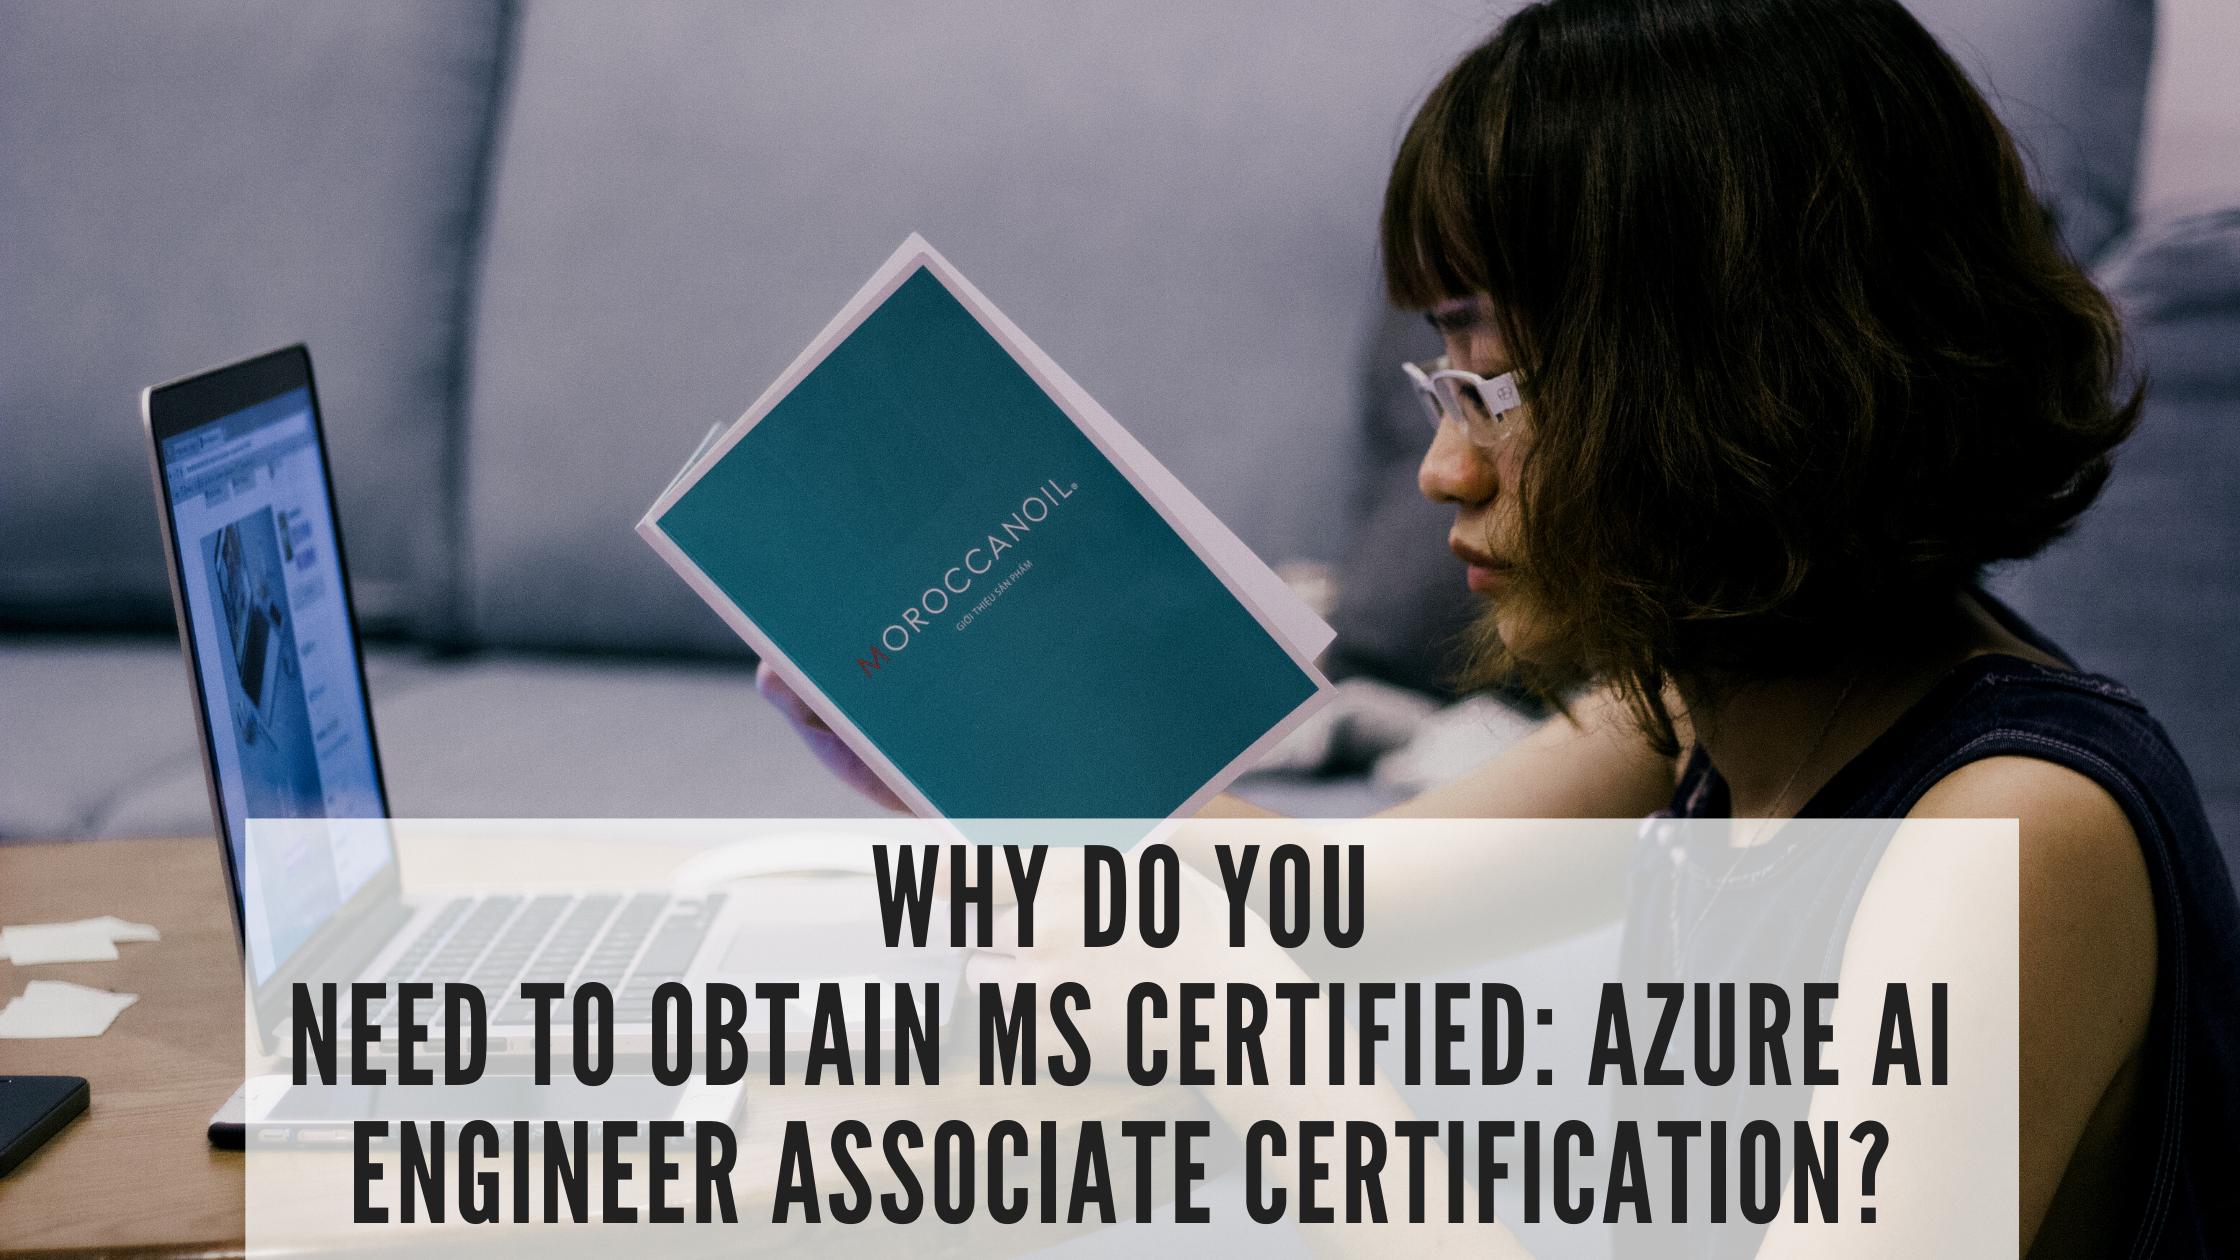 Azure AI Engineer Associate Certification